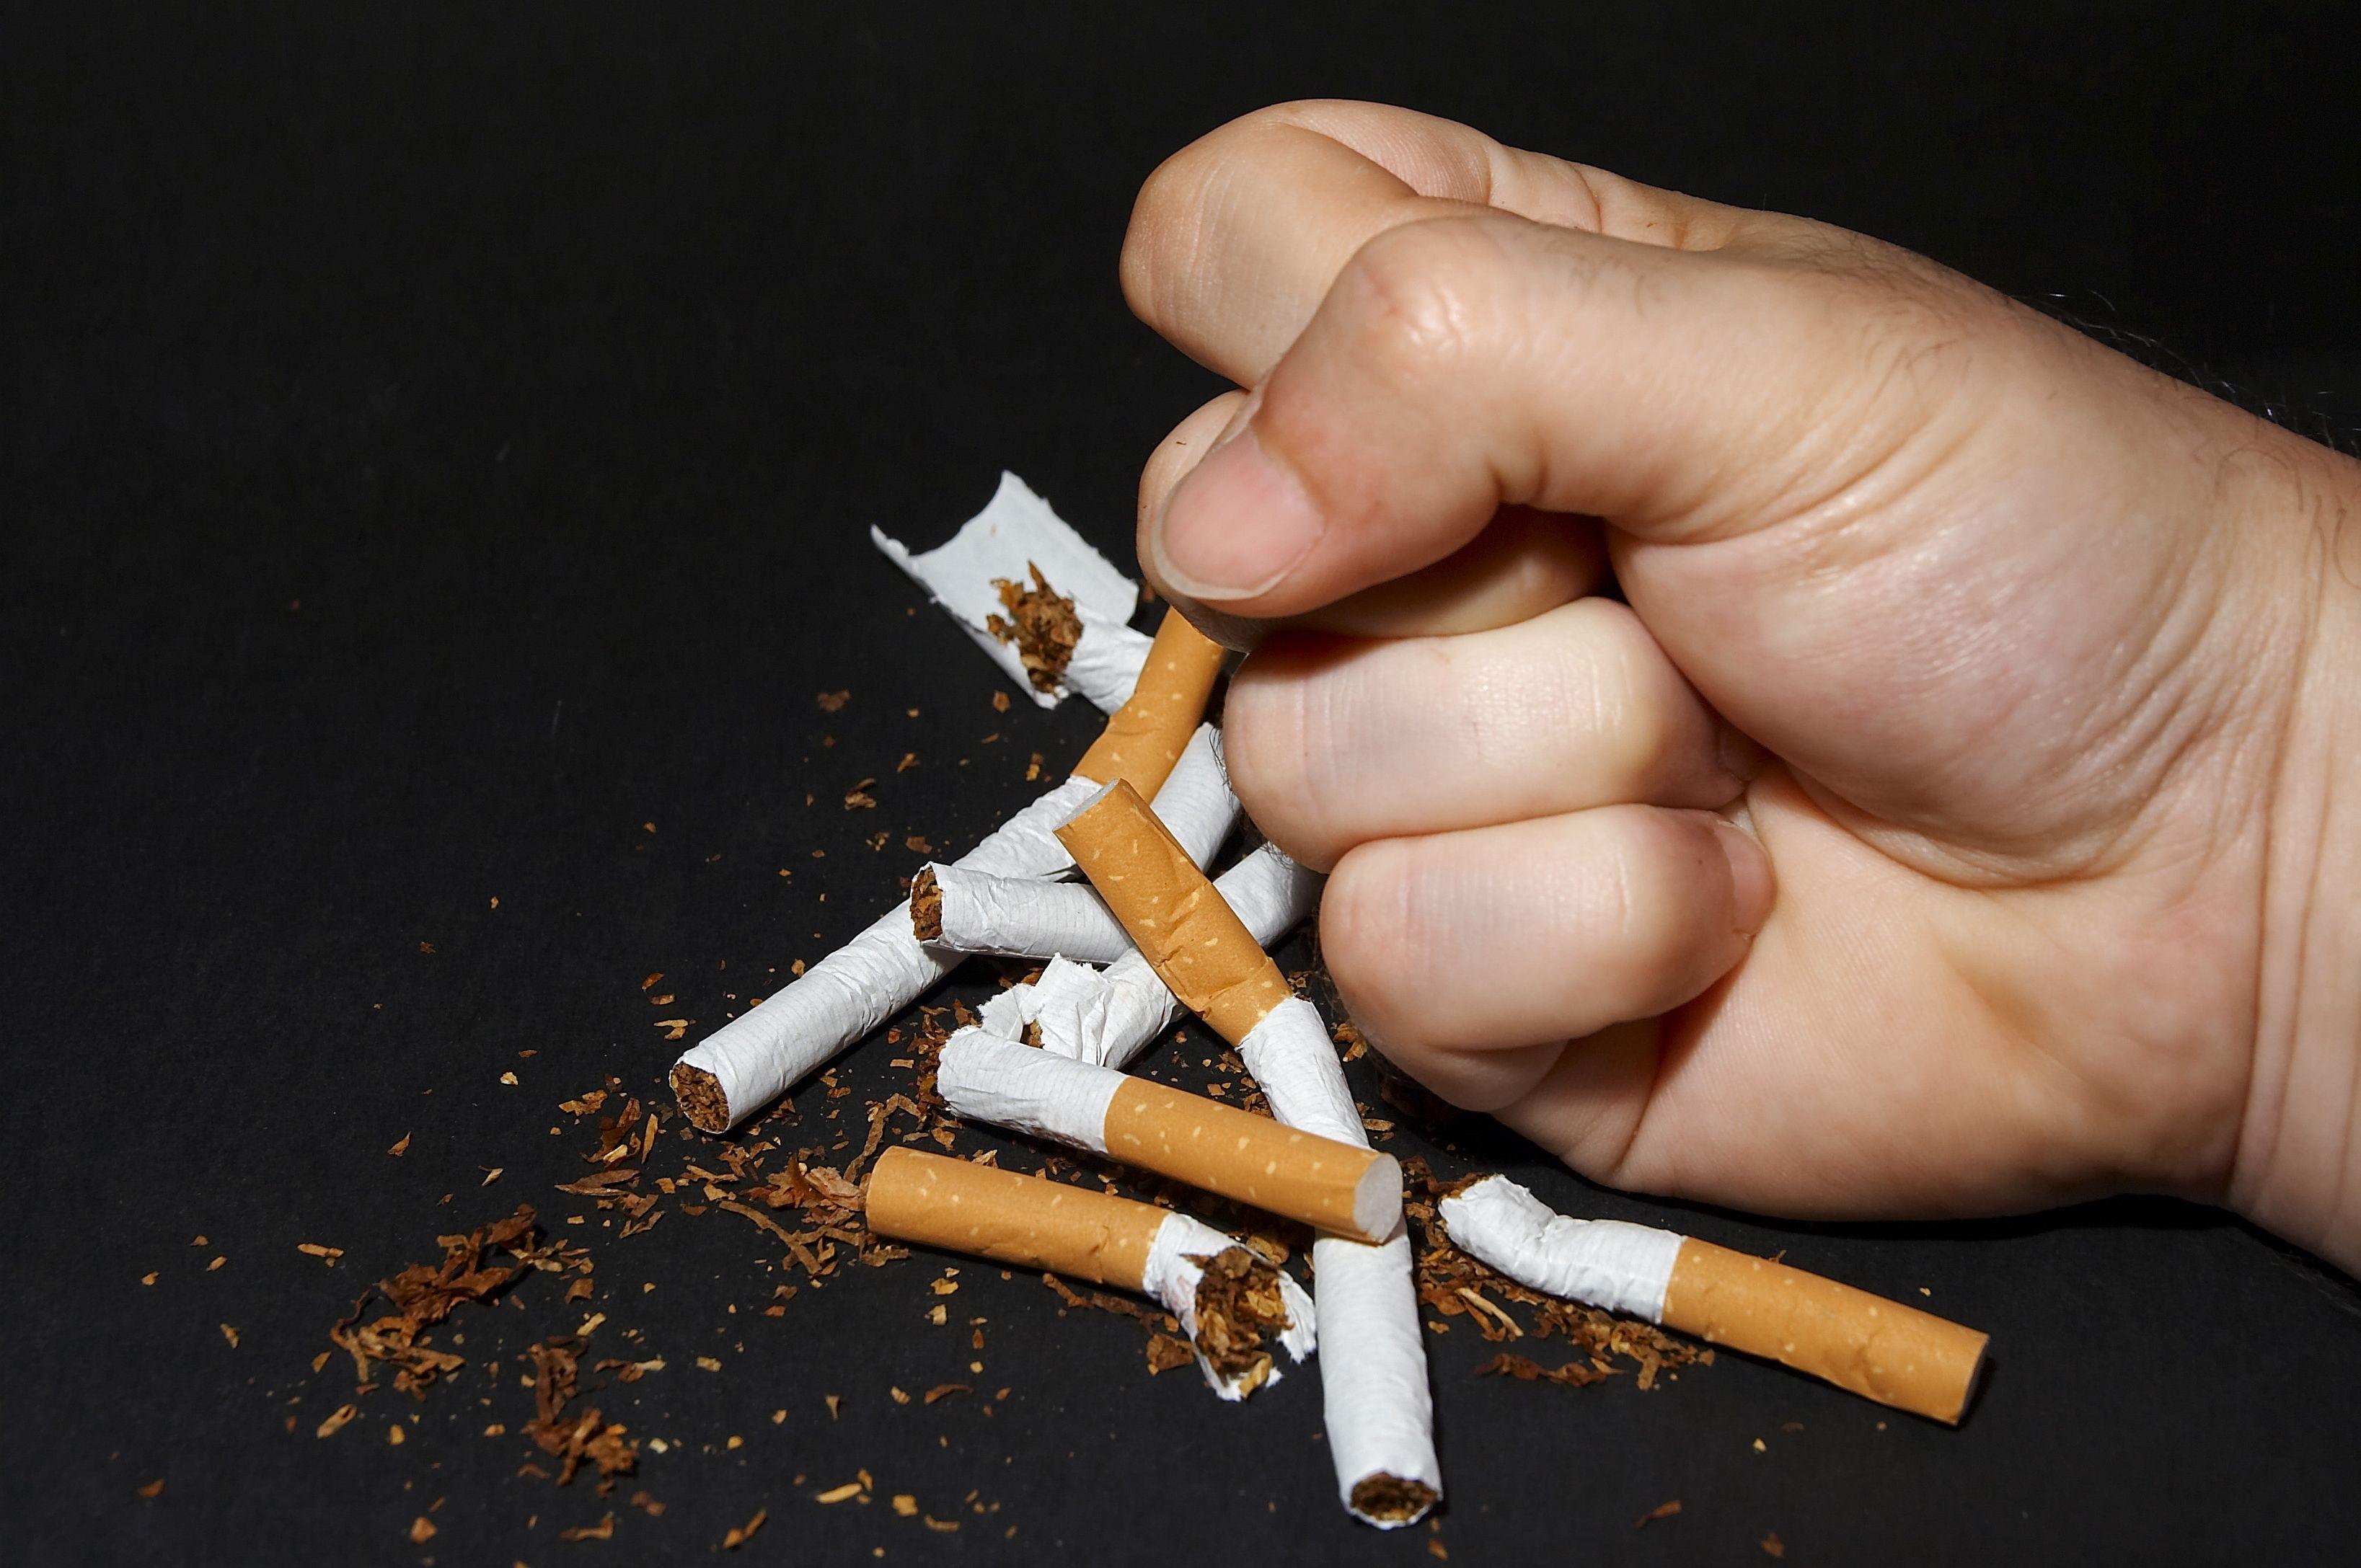 Bruscamente cessato per fumare